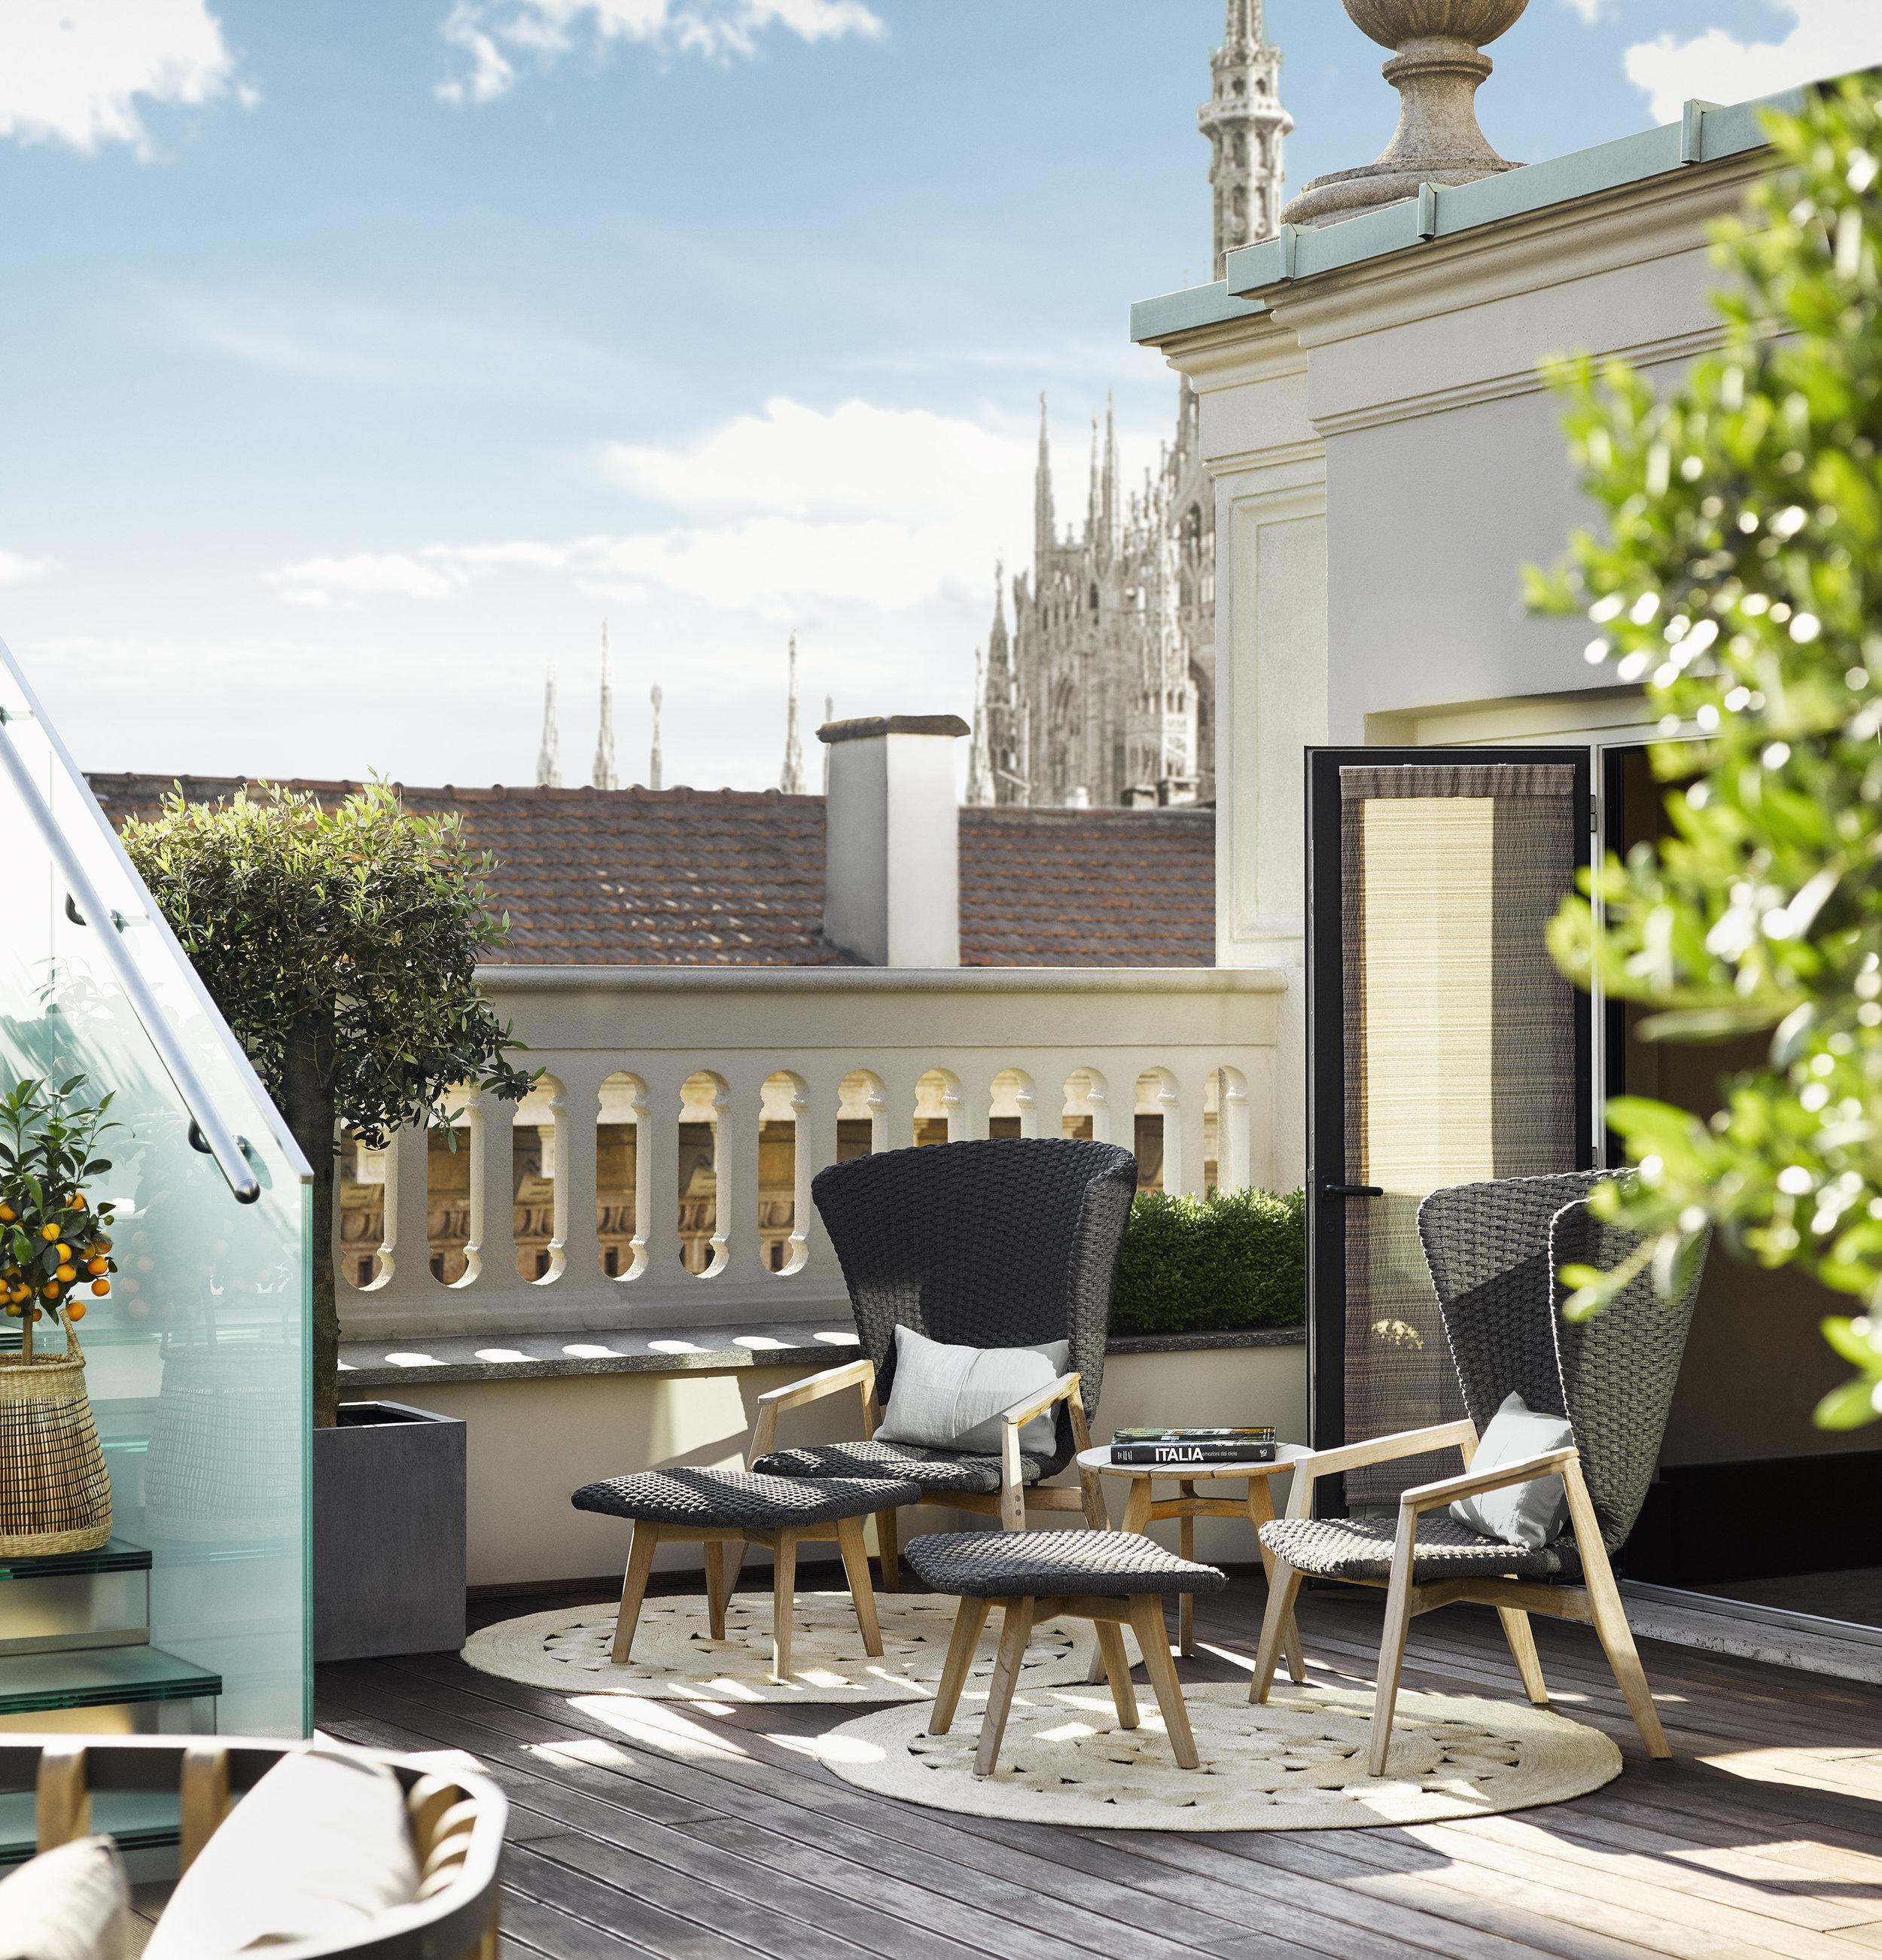 Park-Hyatt-Milano-DuomoSuite-Terrace-V.jpg